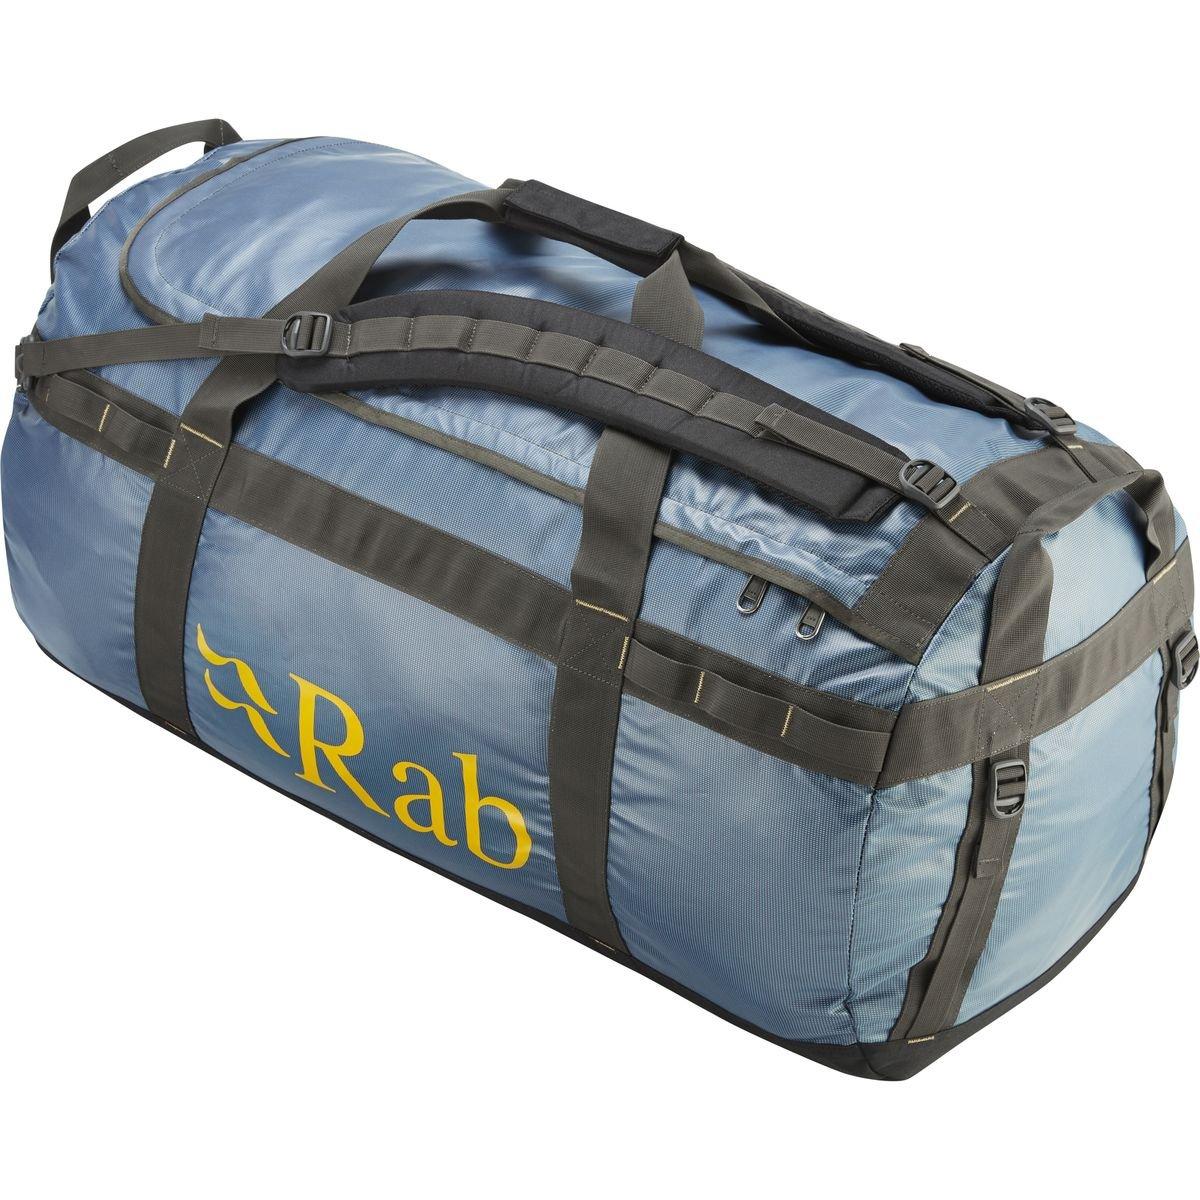 [ラブ Rab] メンズ バッグ ボストンバッグ Kitbag 50-120L Duffel [並行輸入品] 80  B079L695VN